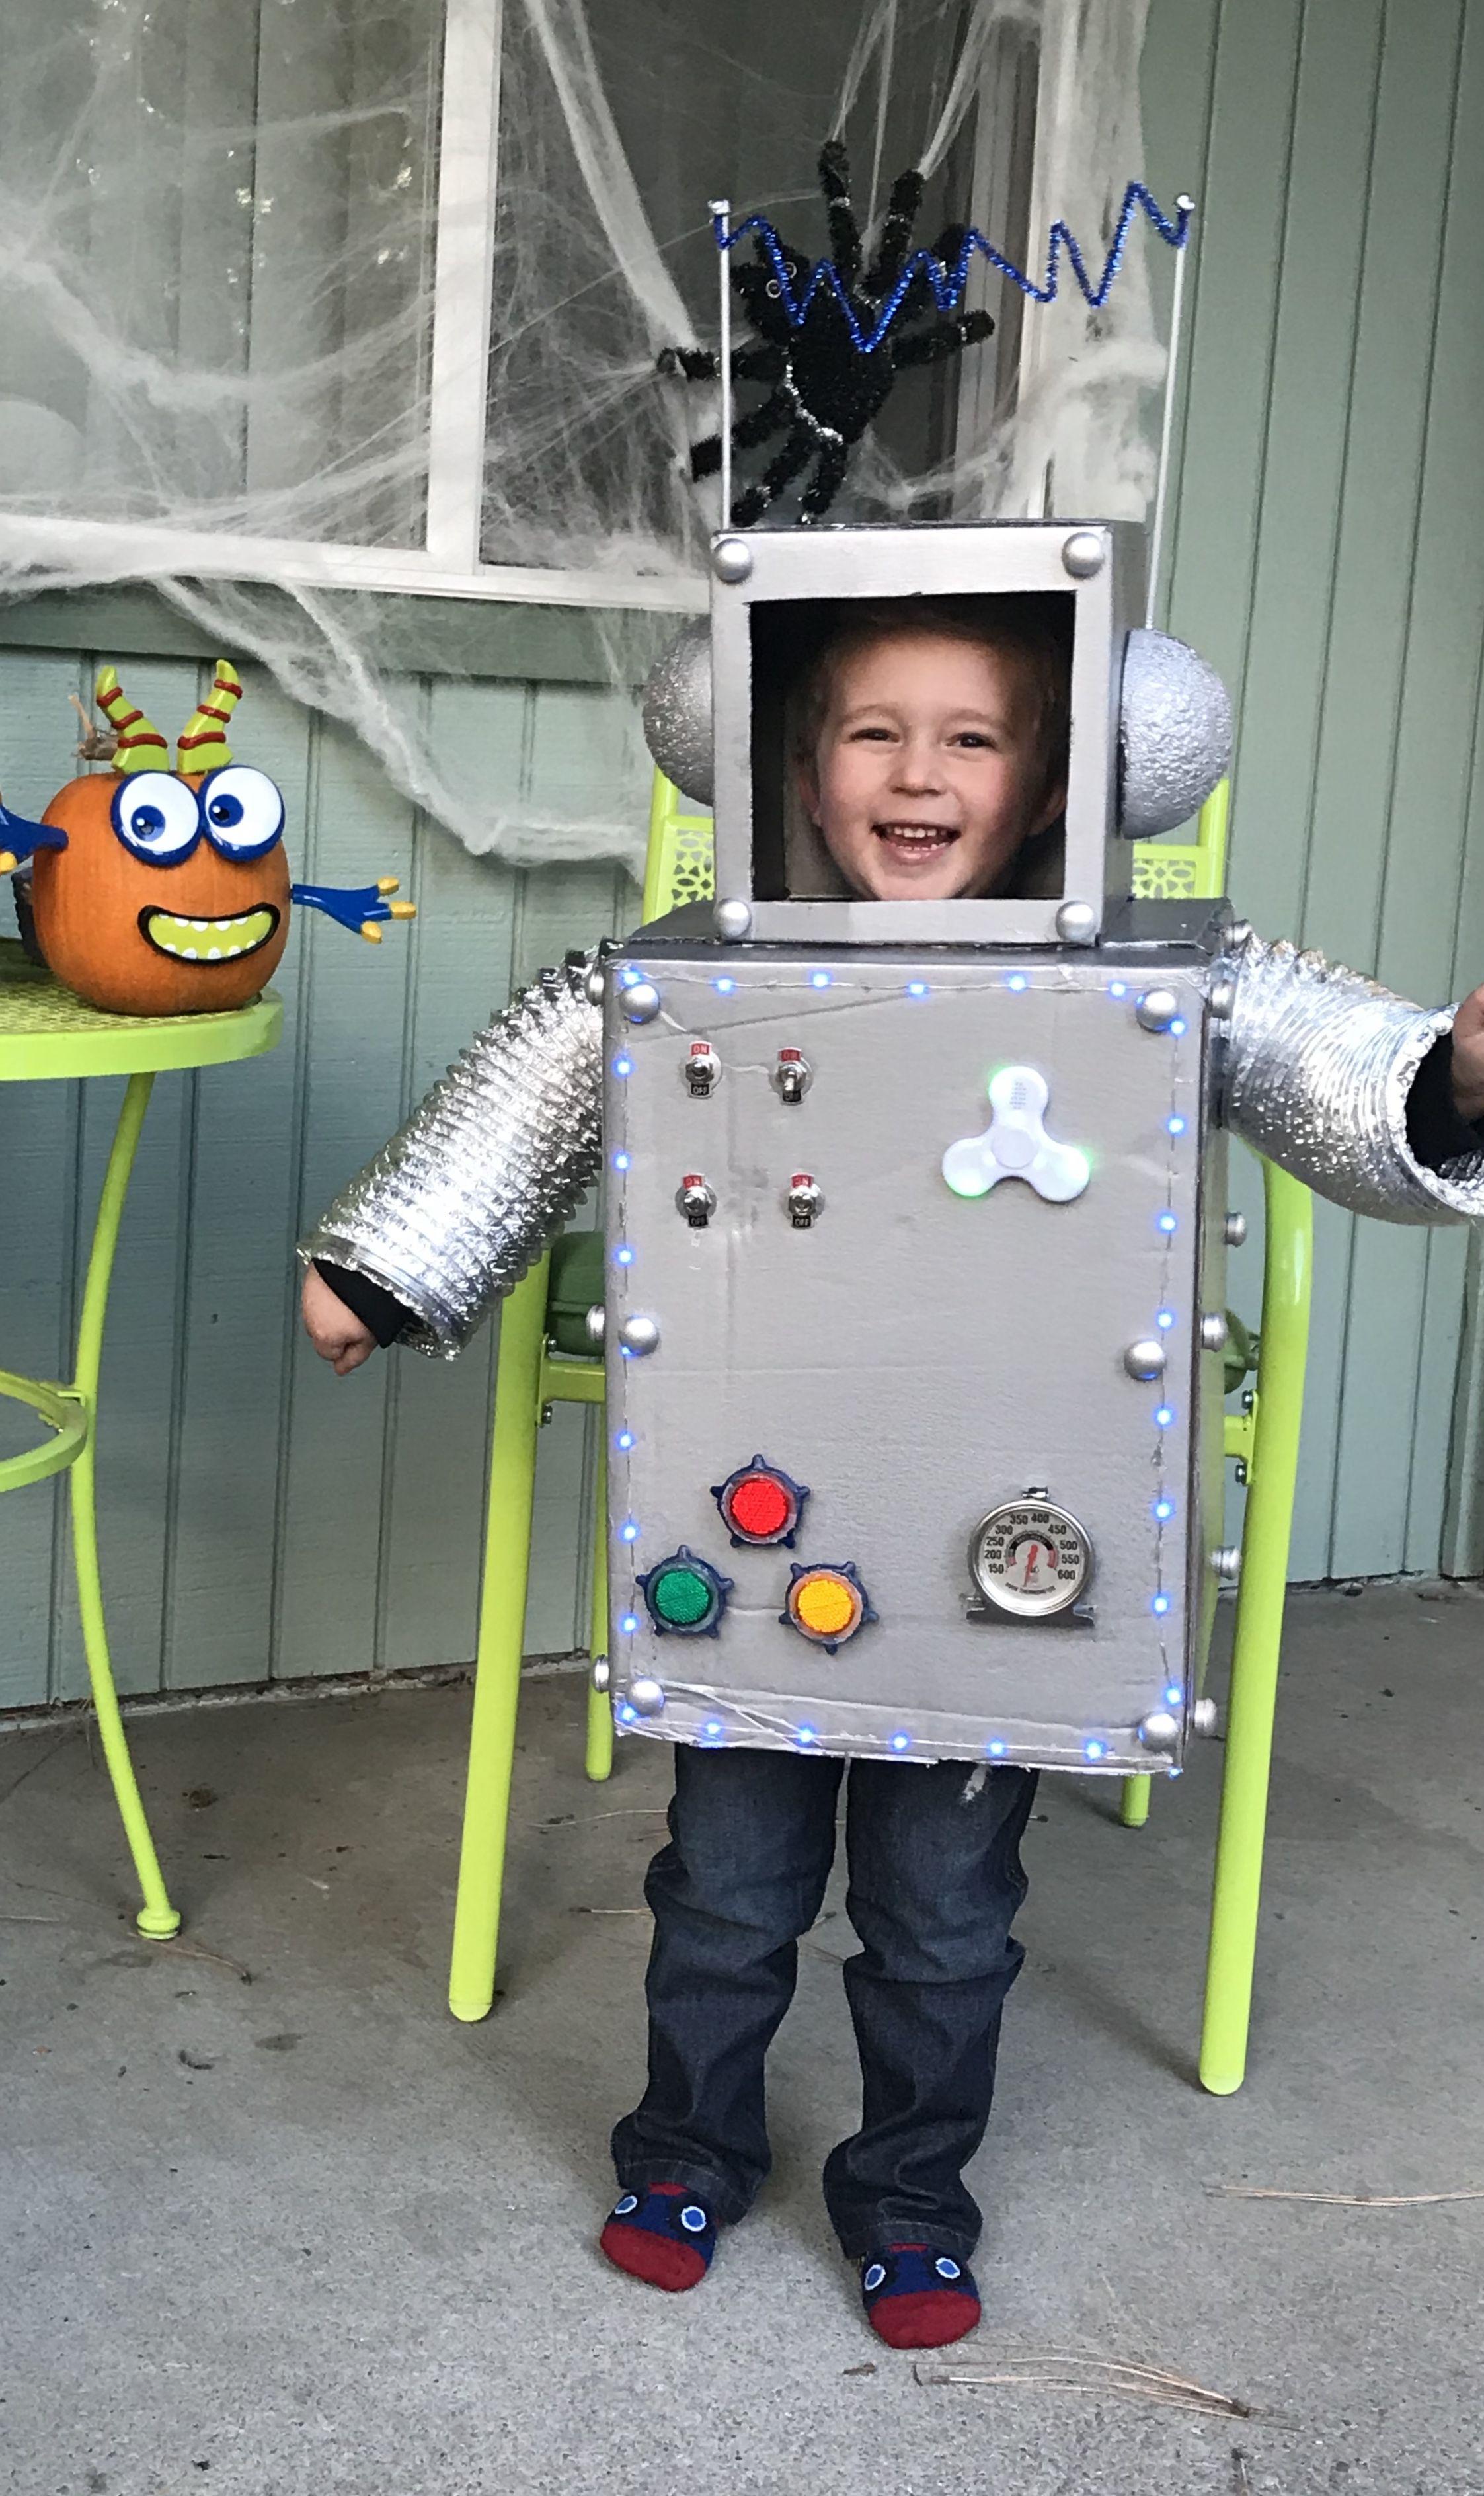 Costume Halloween Robot.Pin On Halloween